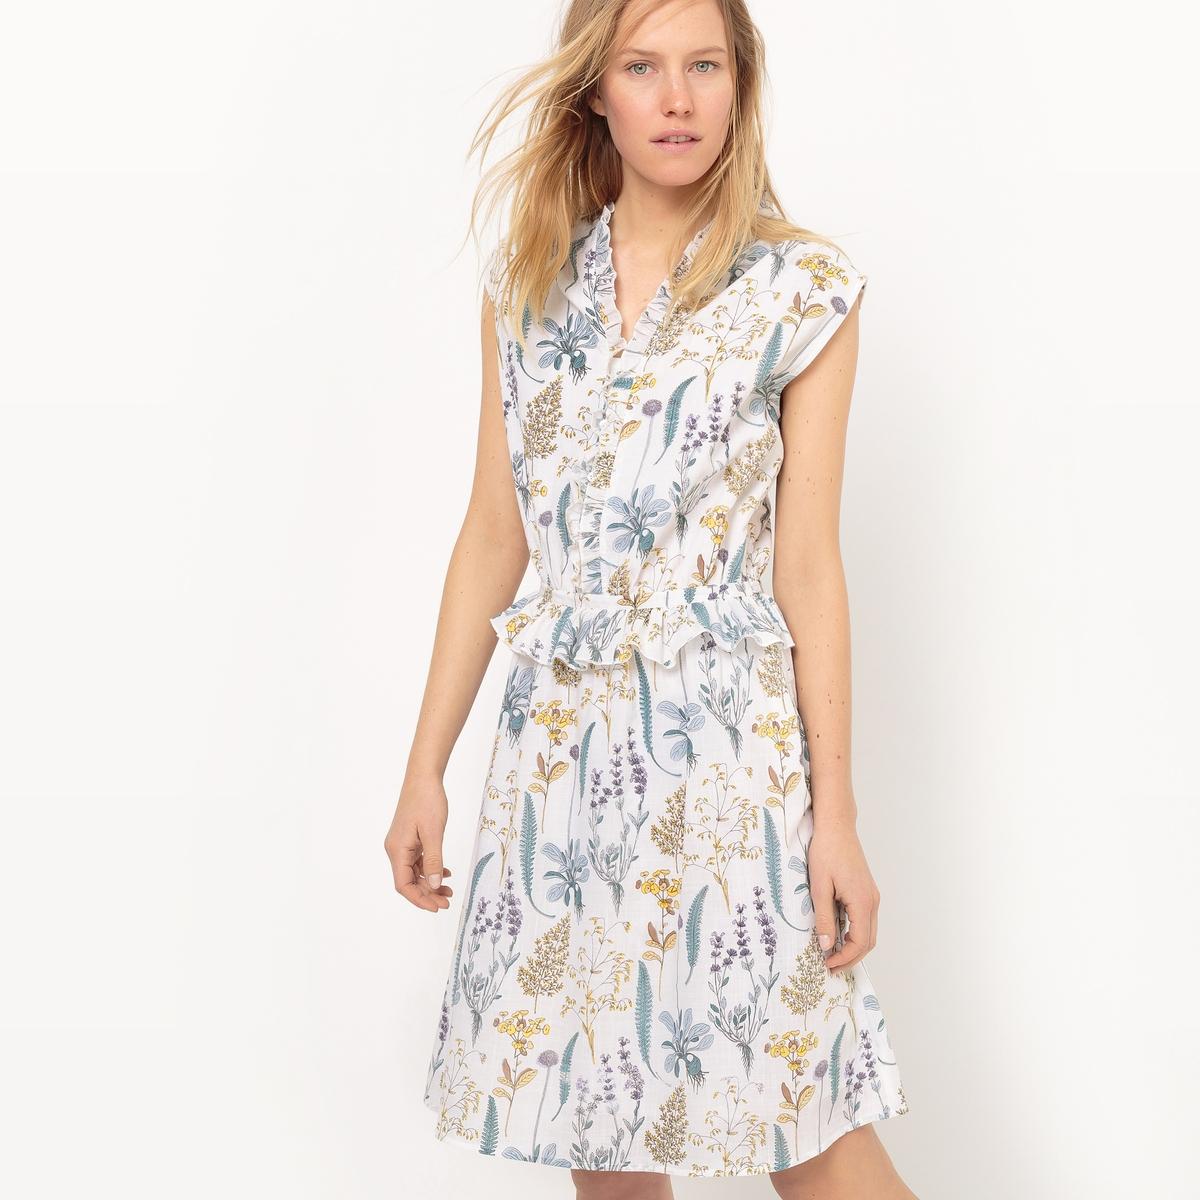 Платье длинное без рукавов, с воланами платья la rouge платье